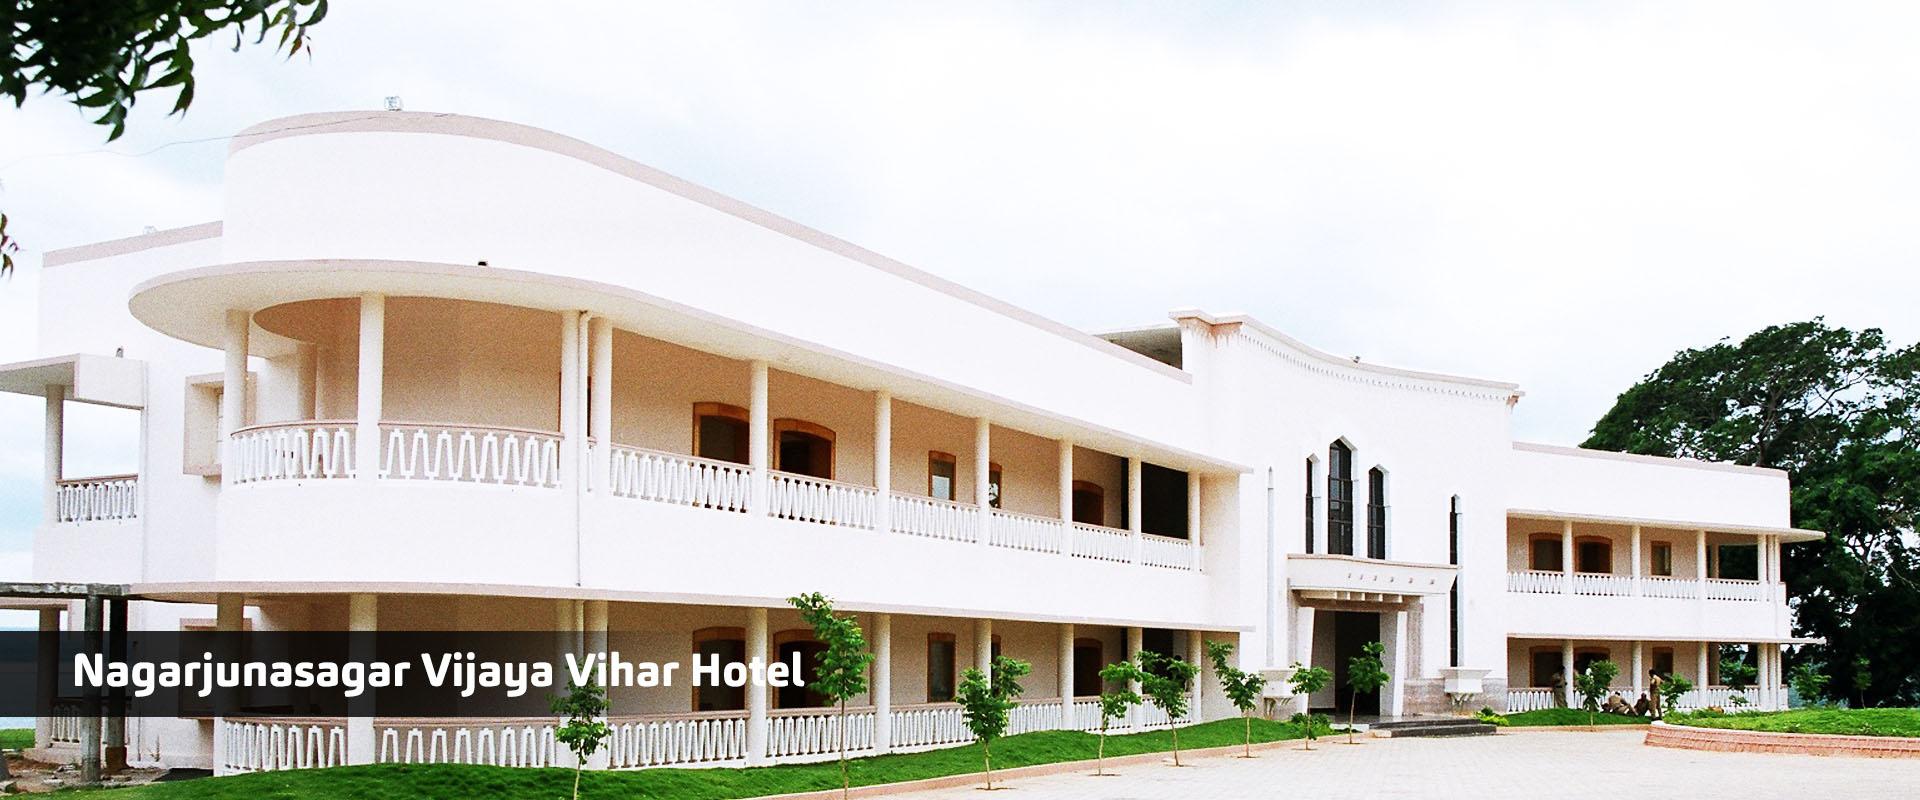 vijay-vihar-hotel-nagarjunasagar